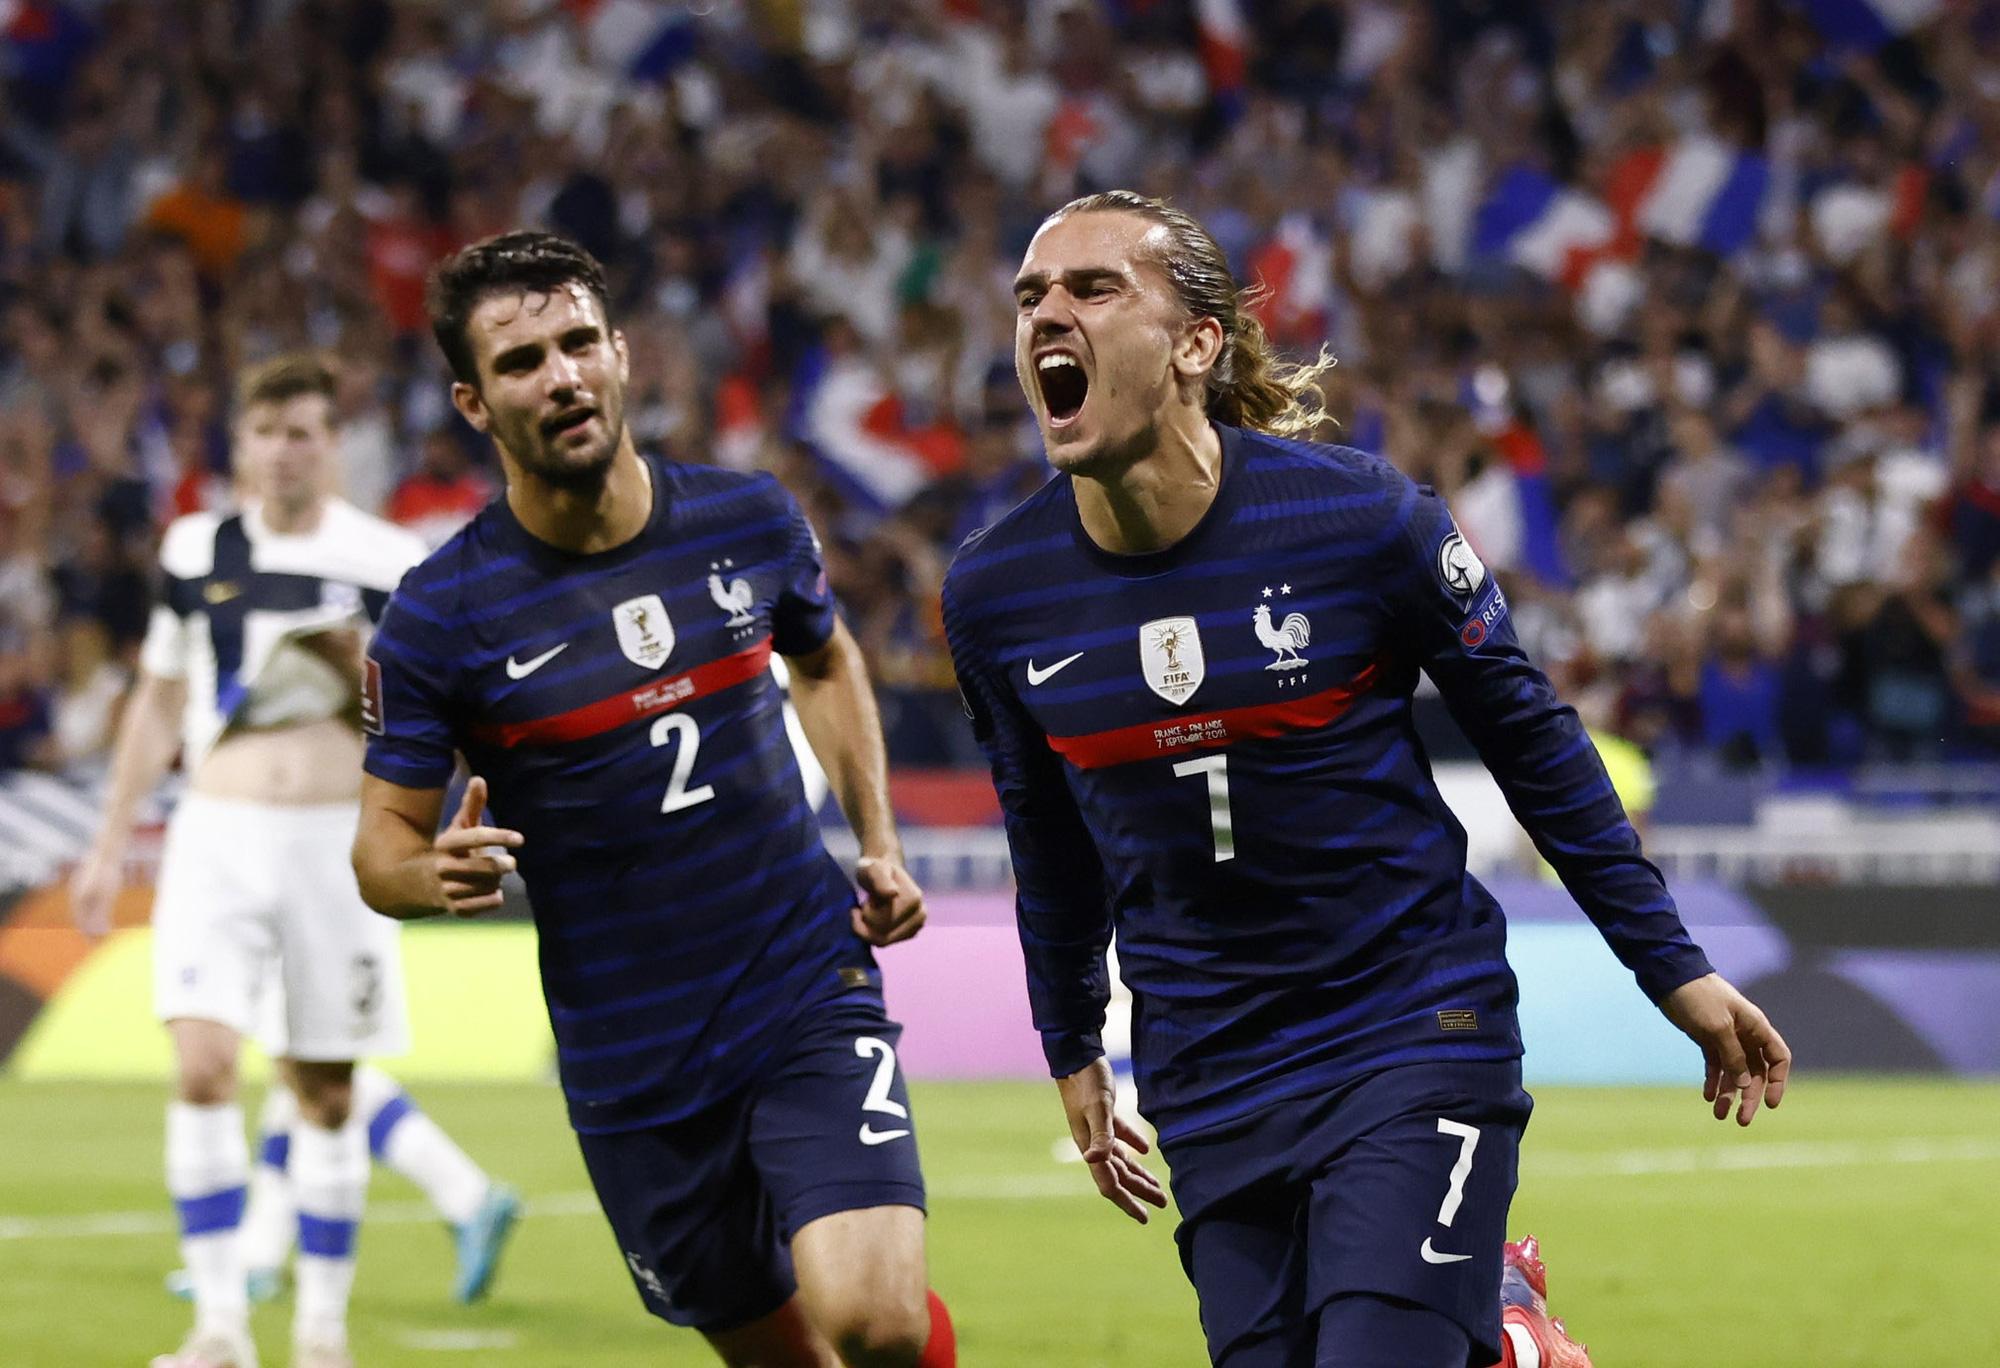 Đội tuyển Pháp có lợi thế lớn trên sân nhà